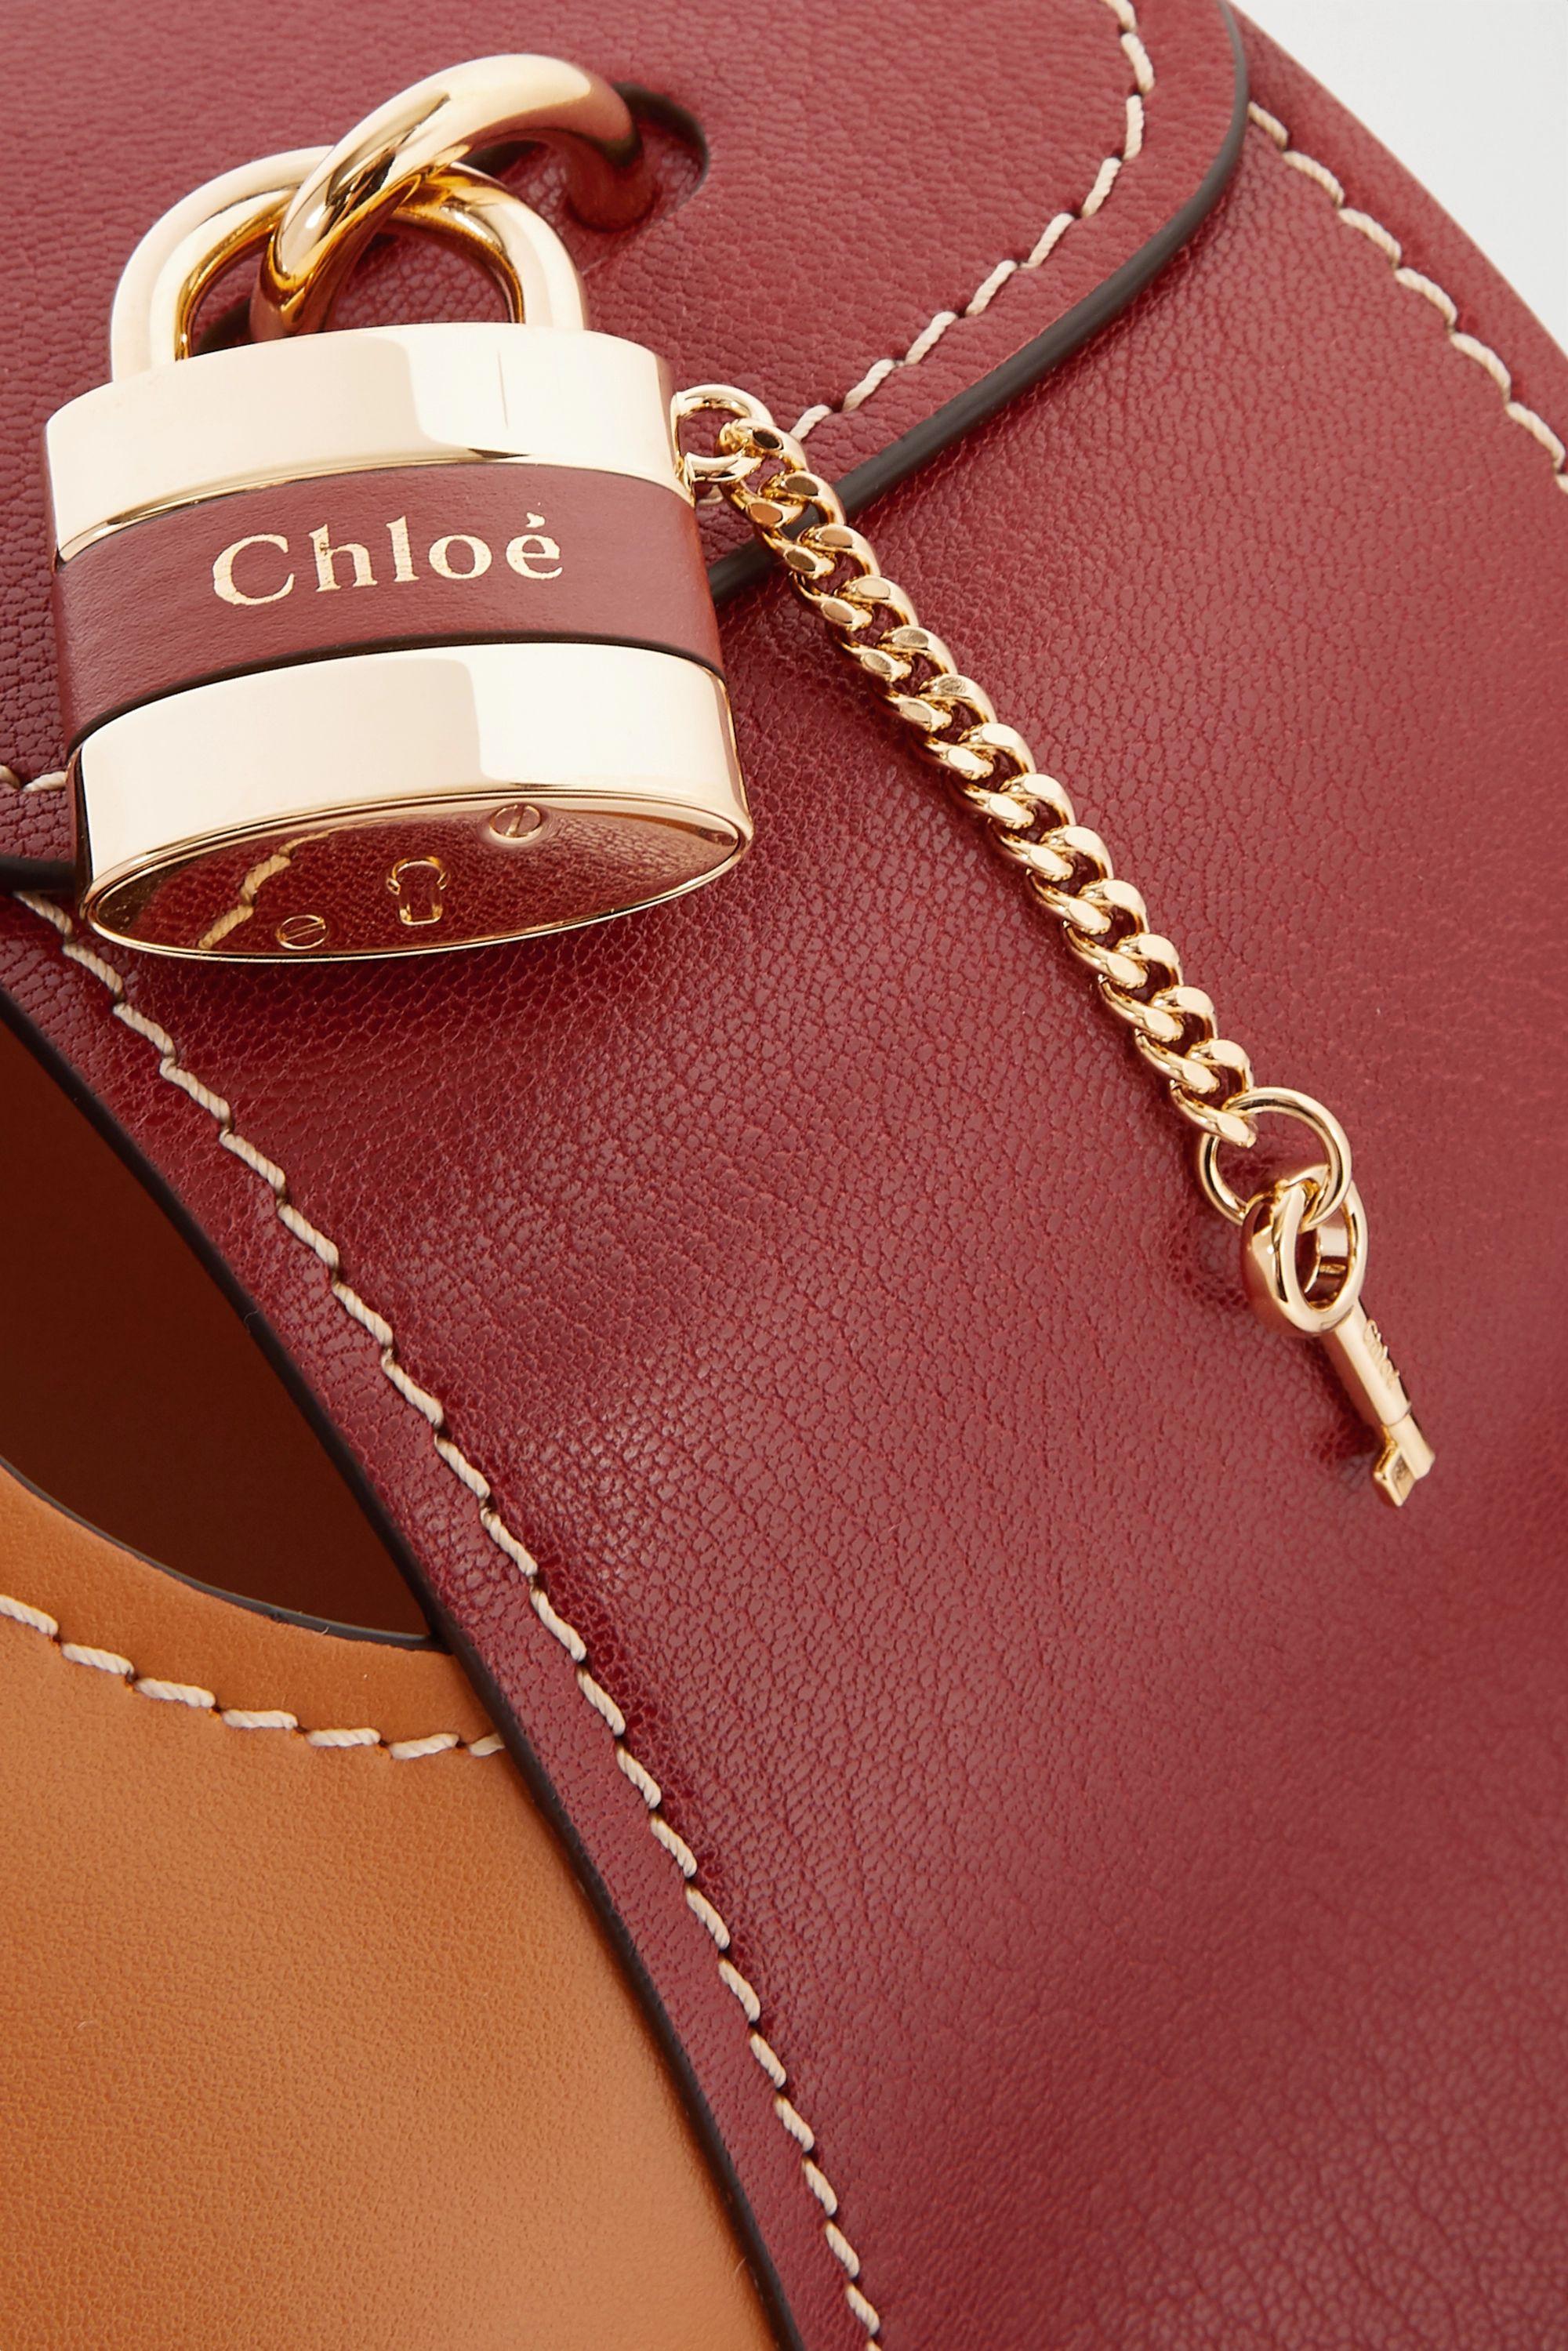 Chloé Sac à main en cuir bicolore Aby